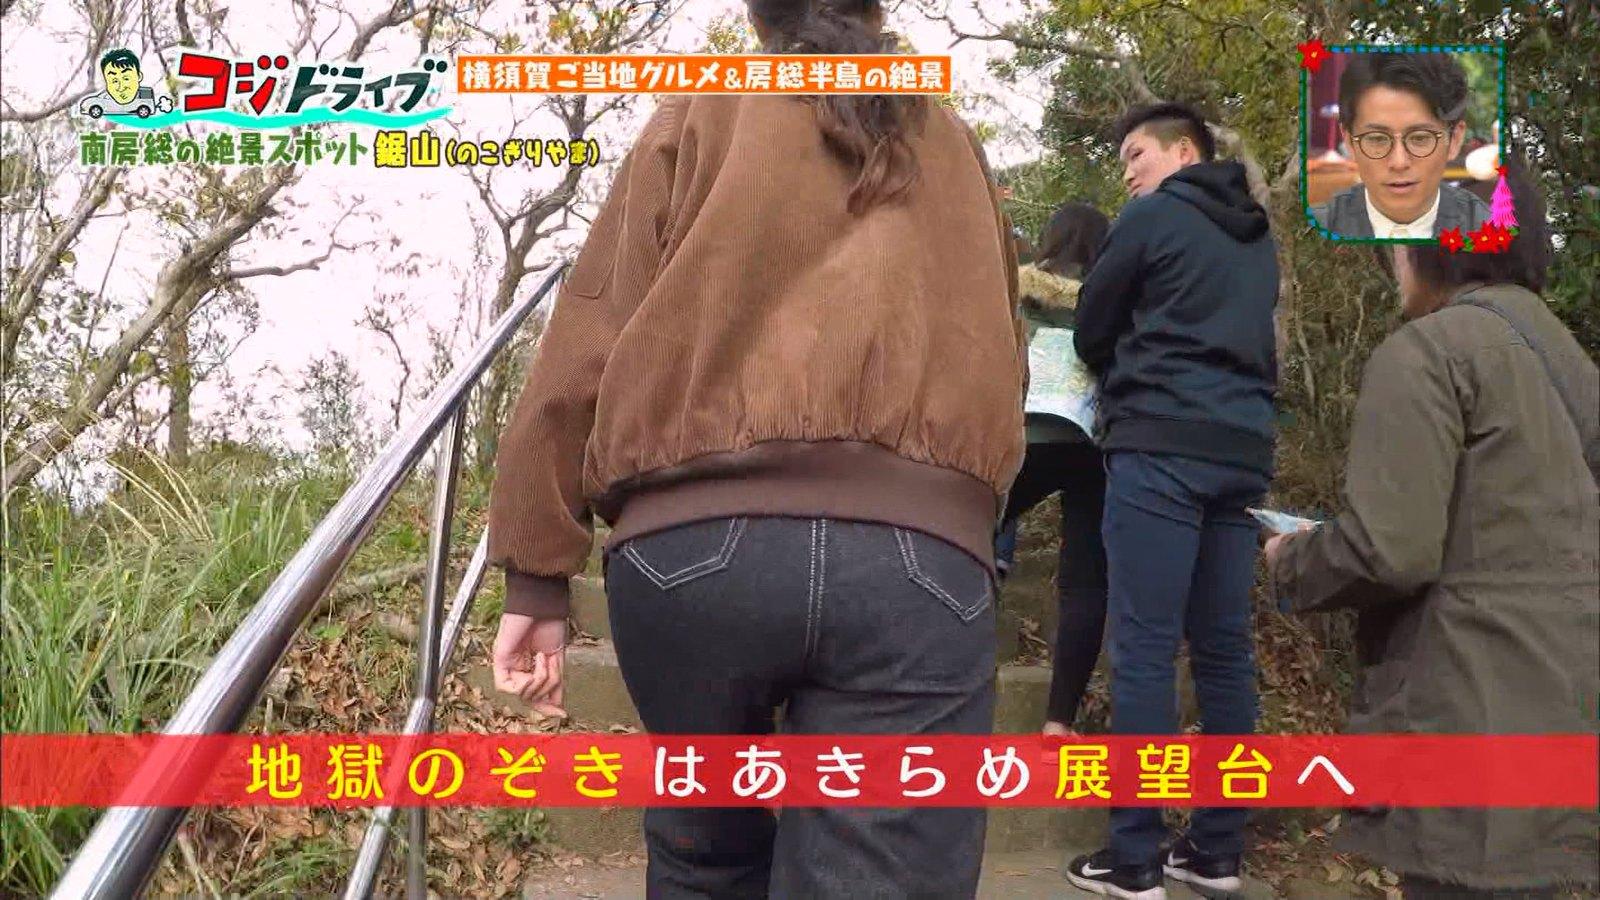 2018年12月8日TBS「王様のブランチ」熊井友理奈さんのテレビキャプチャー画像-142